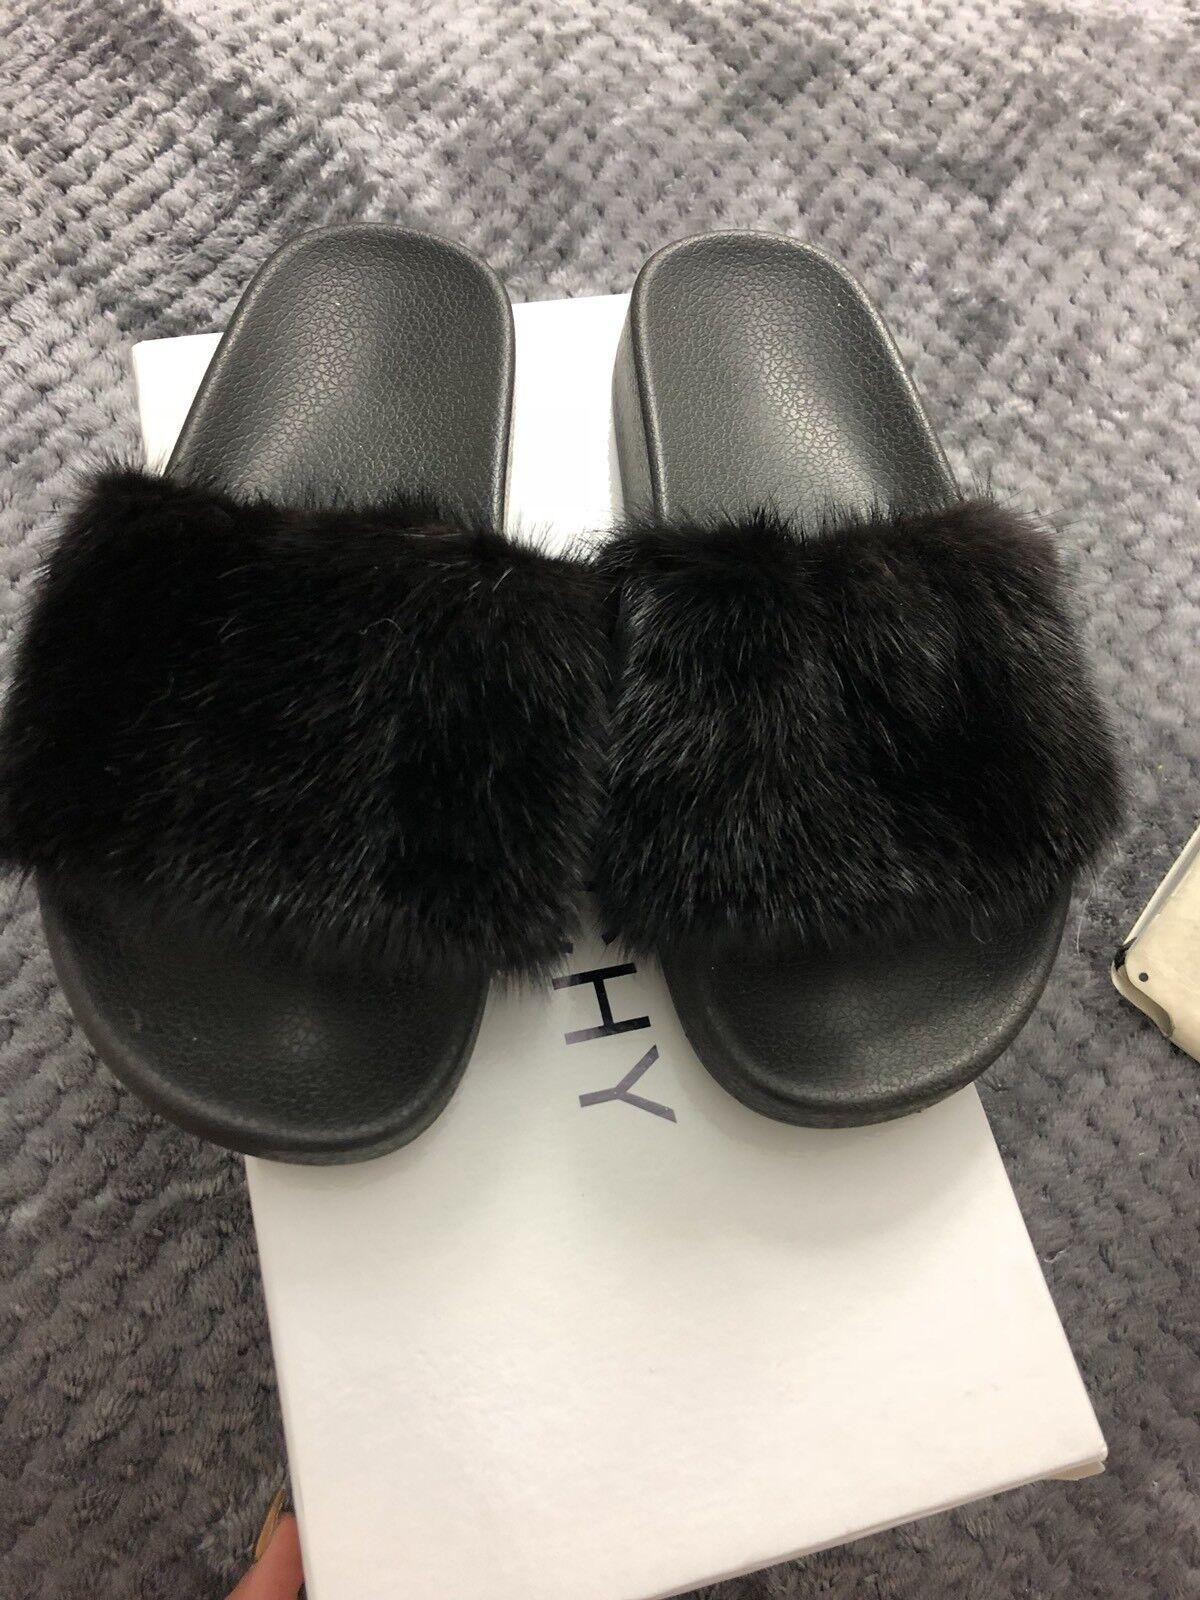 Givenchy Black Mink Mink Mink Fur Flat Slide Sandals Size 37  NO OFFERS b76599